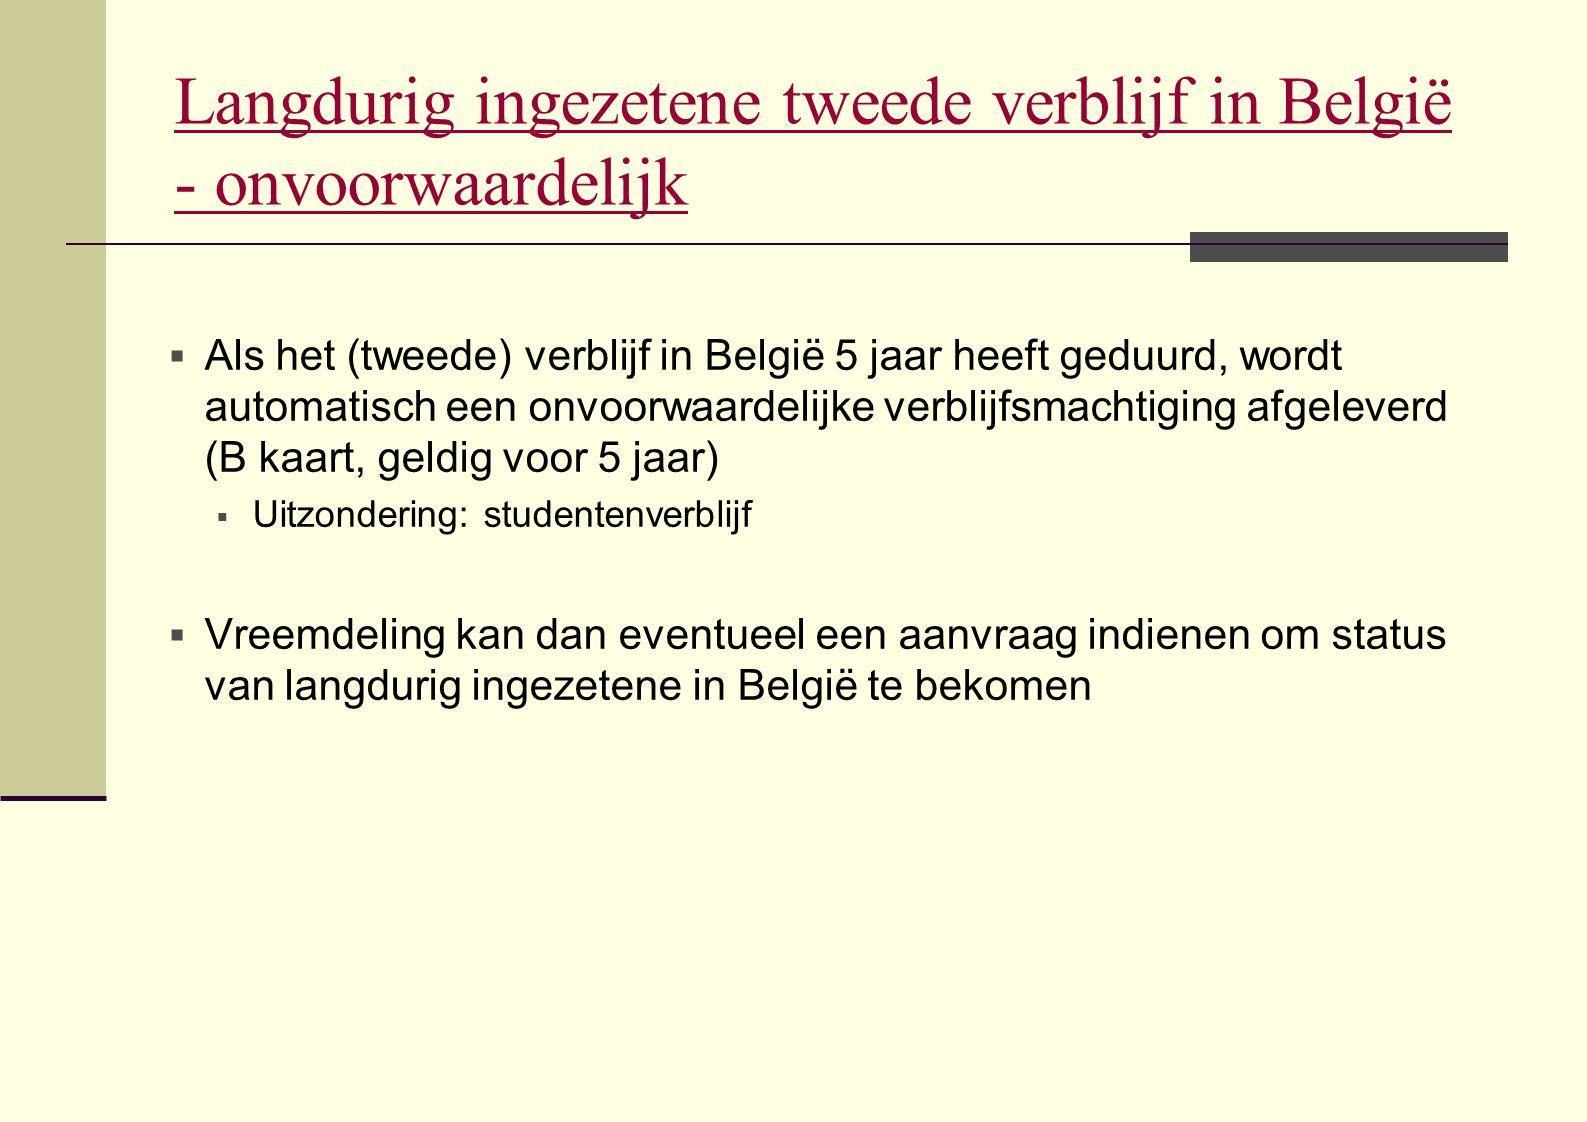 Langdurig ingezetene tweede verblijf in België - onvoorwaardelijk